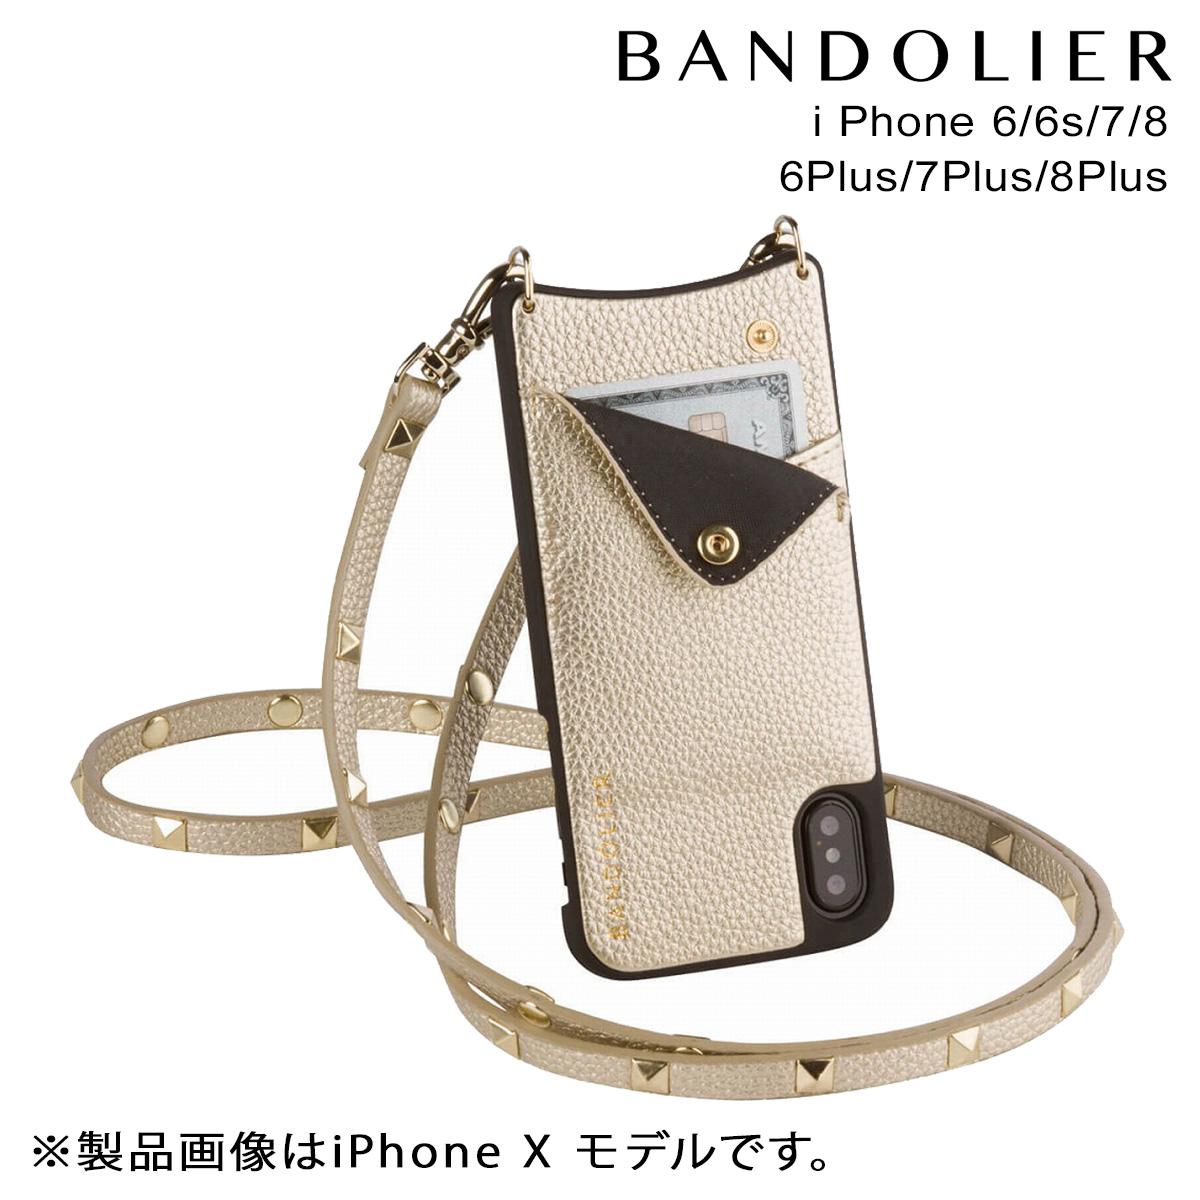 BANDOLIER SARAH RICH GOLD バンドリヤー iPhone8 iPhone7 7Plus 6s ケース スマホ アイフォン プラス メンズ レディース